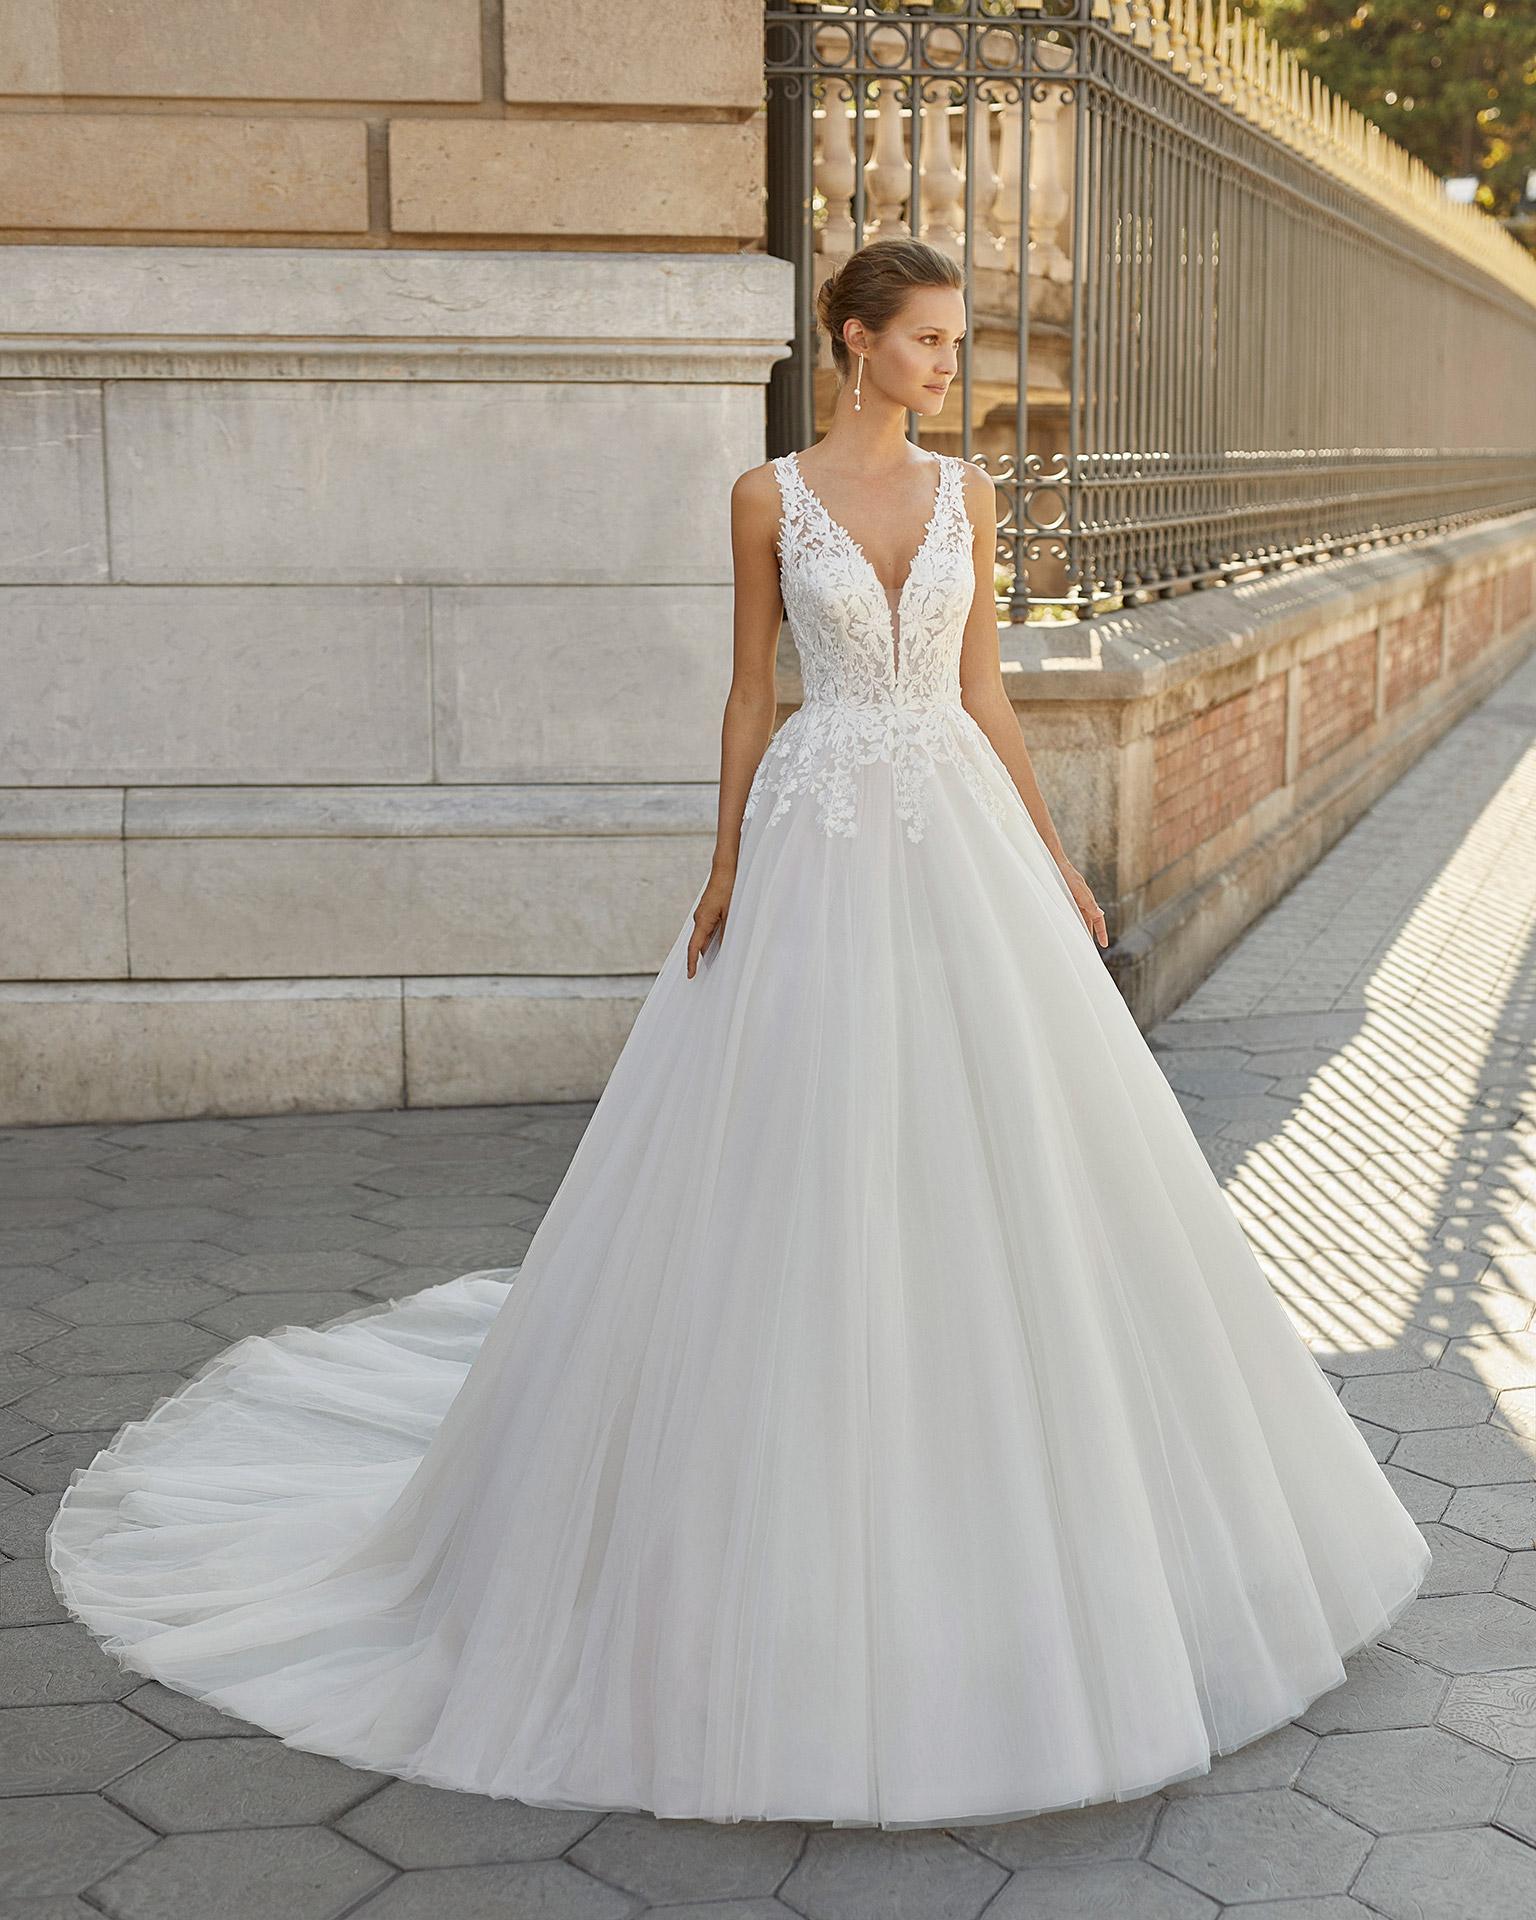 Vestido de novia de estilo romántico, tul, encaje y pedrería. Escote deep plunge y espalda escotada. Colección  2022.